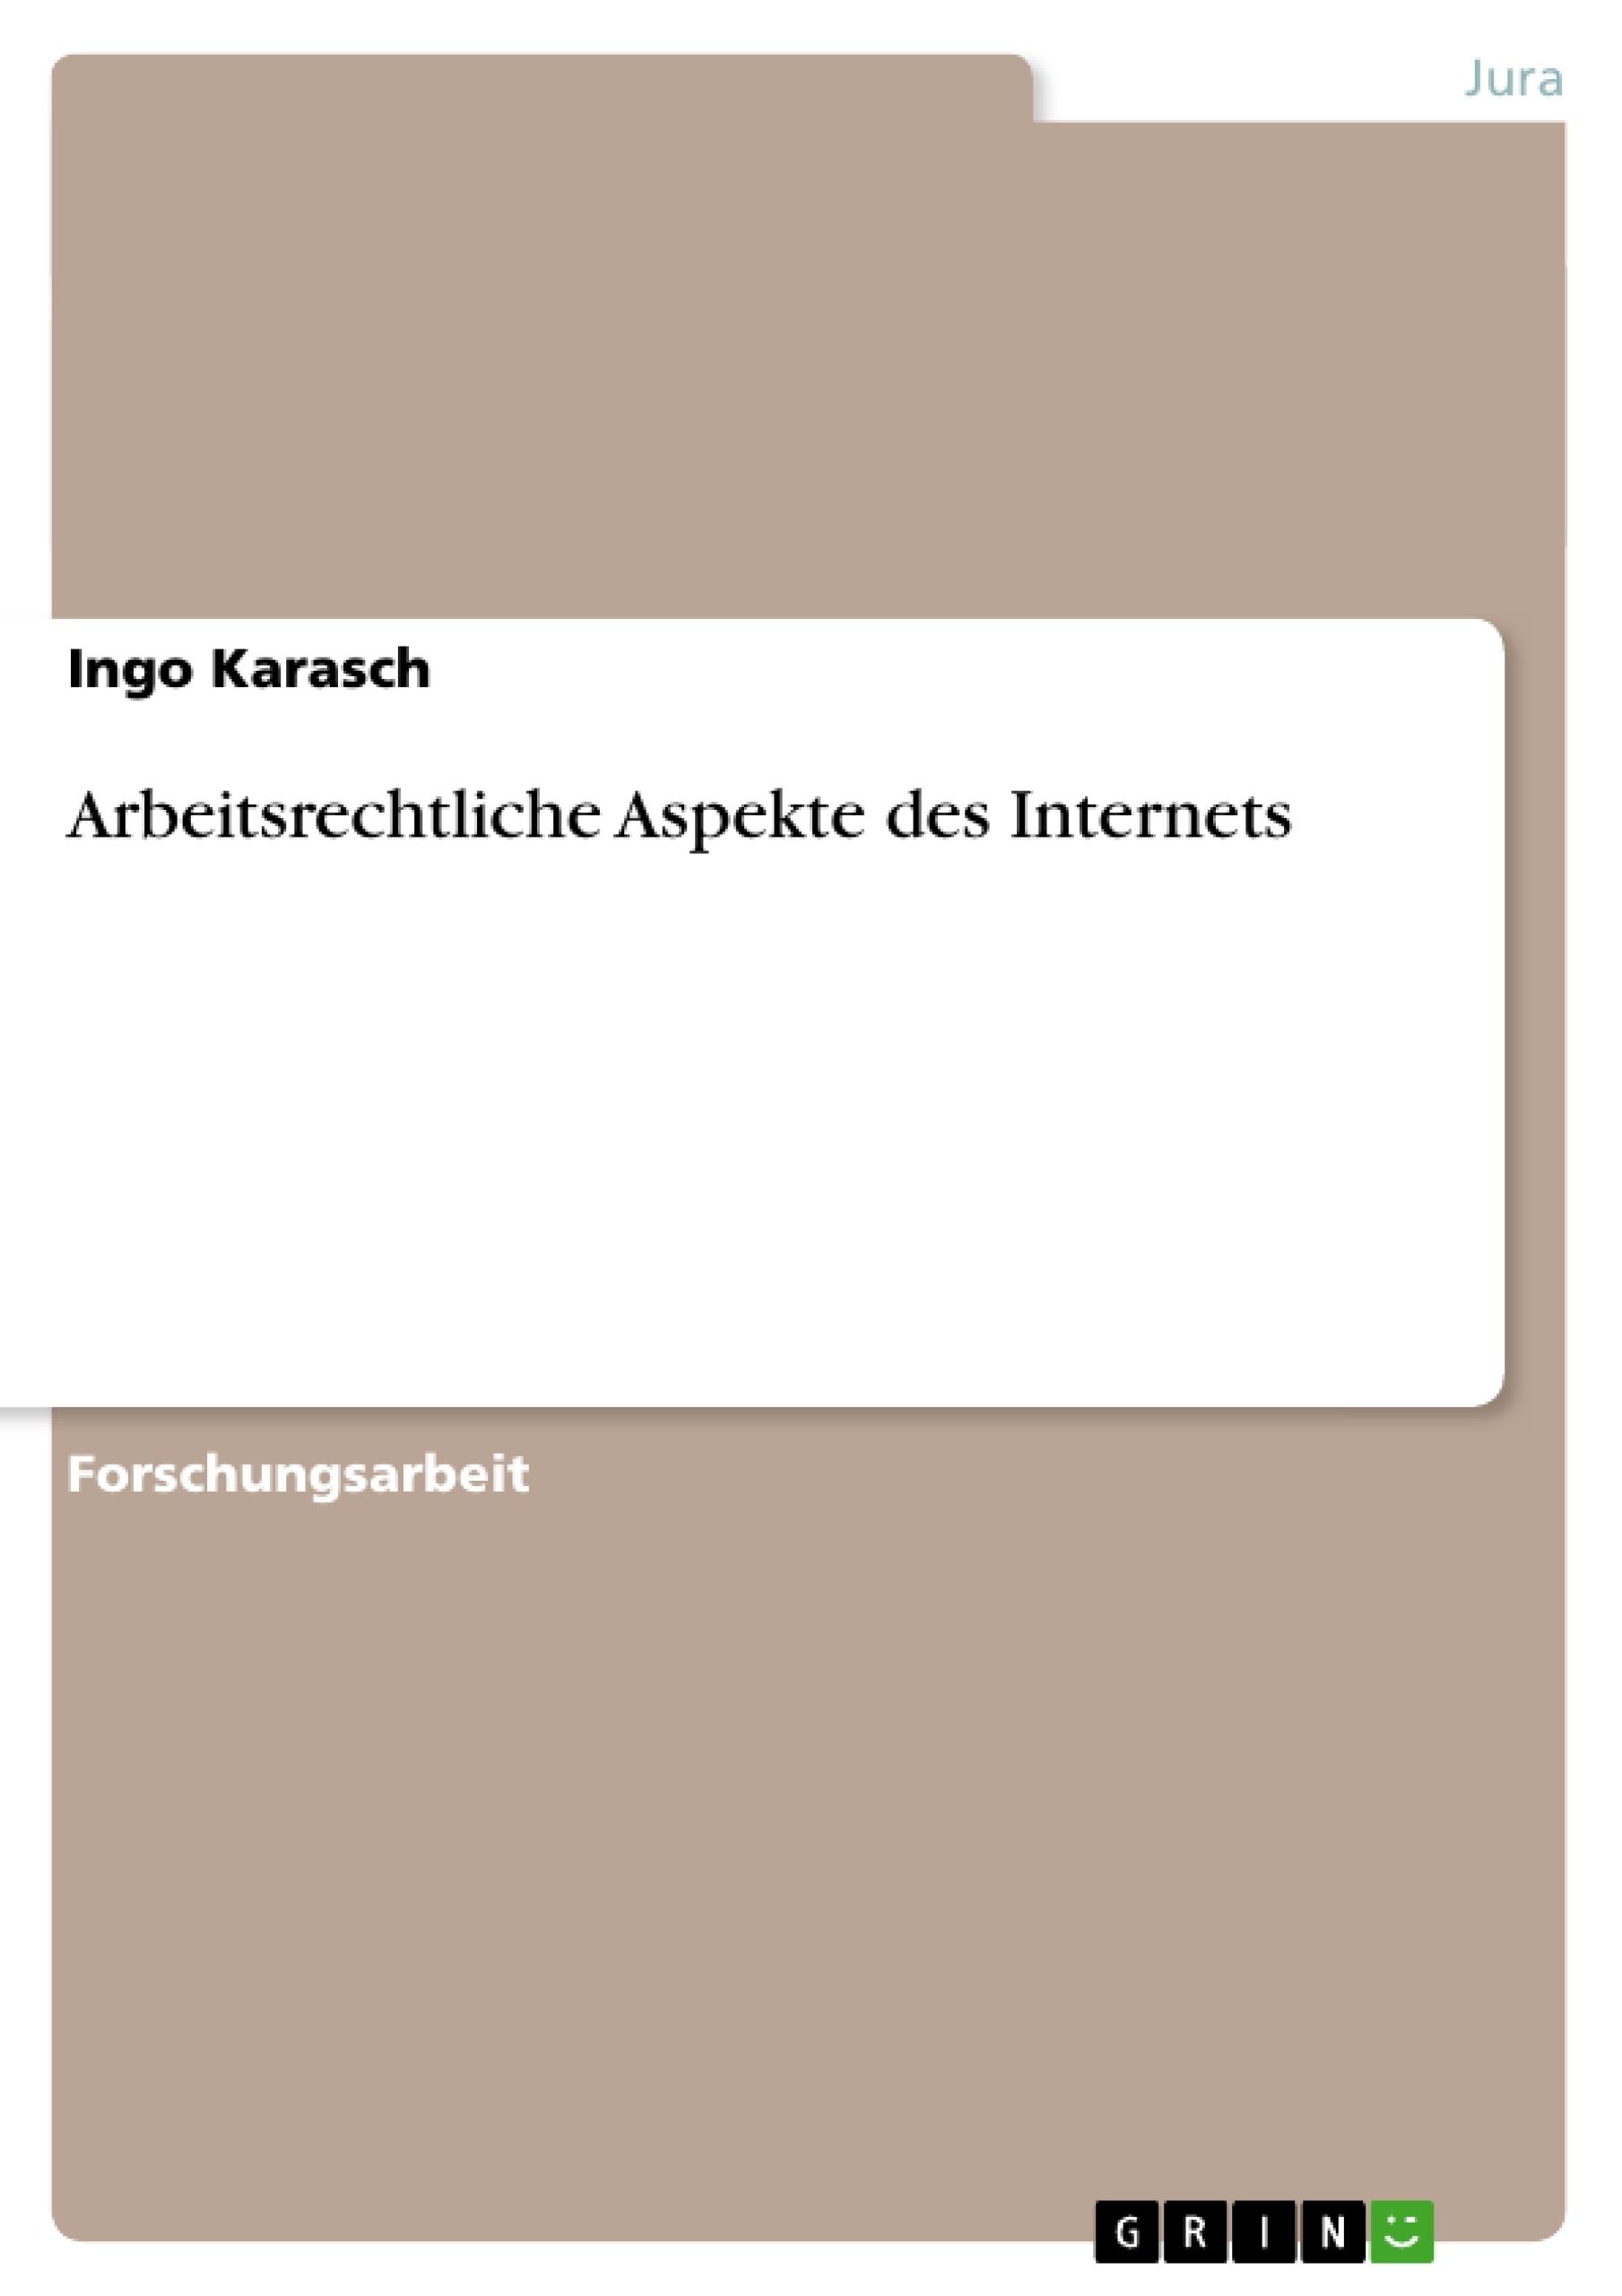 Titel: Arbeitsrechtliche Aspekte des Internets